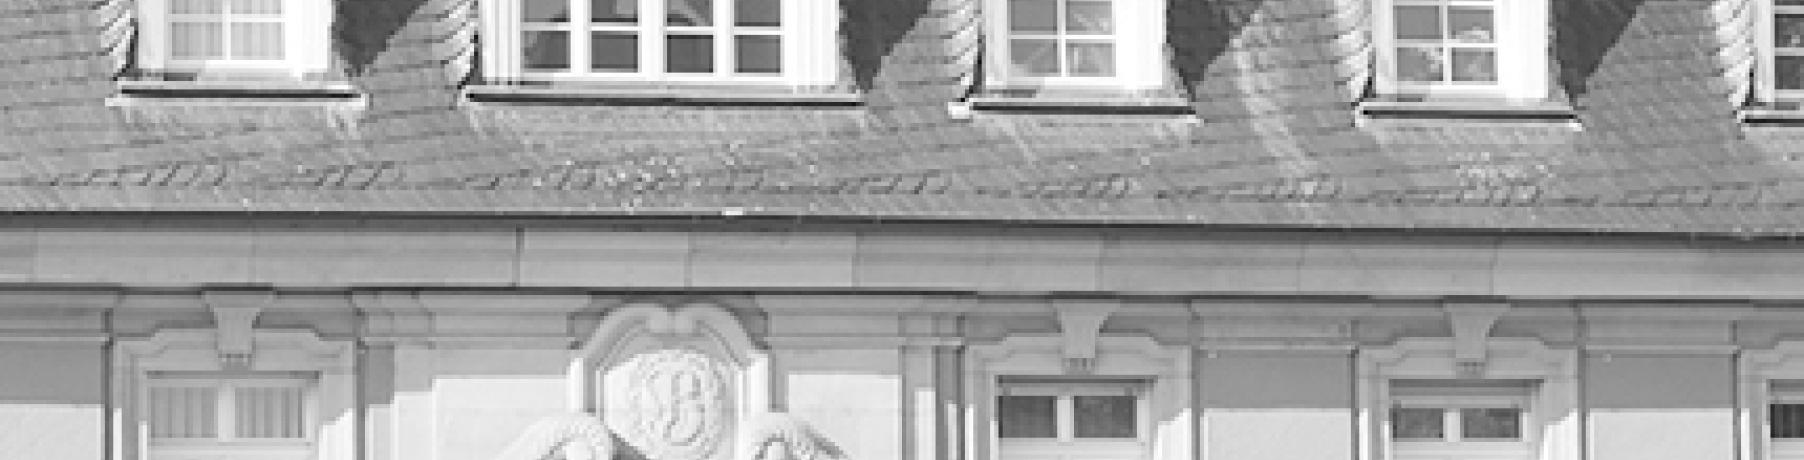 Kanzlei Sischka Francken Klement